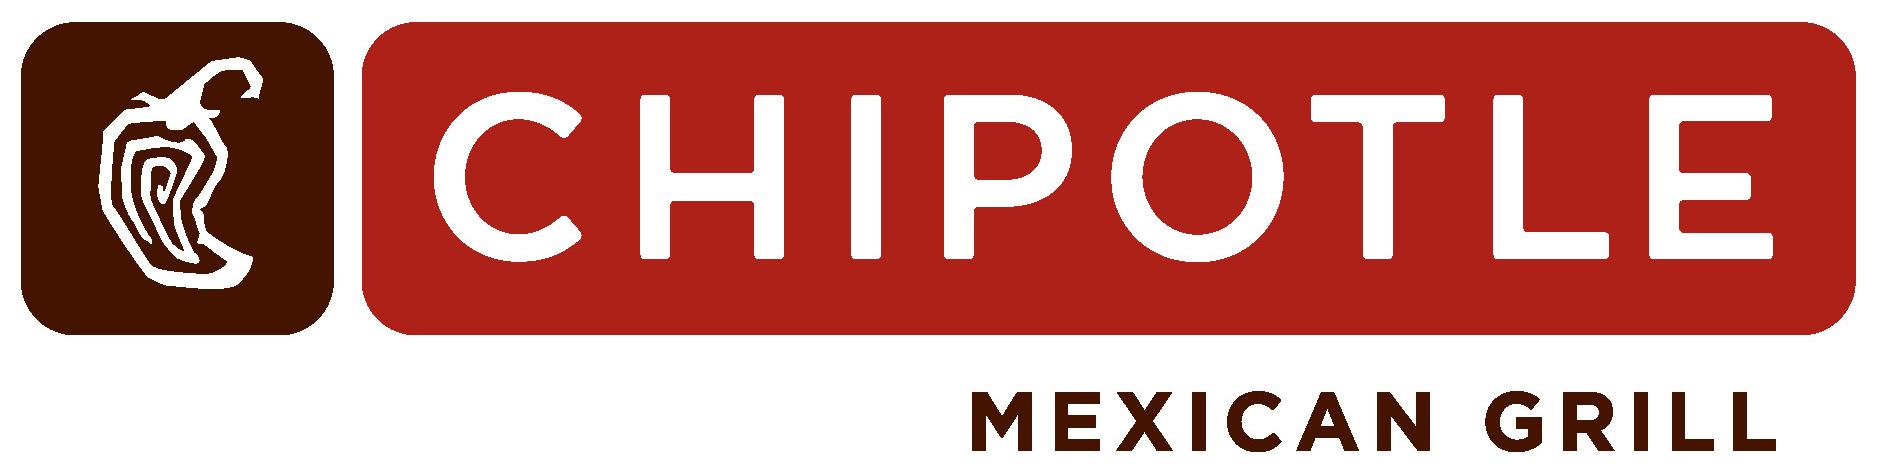 ChipotleMexicanGrillLogo.jpg